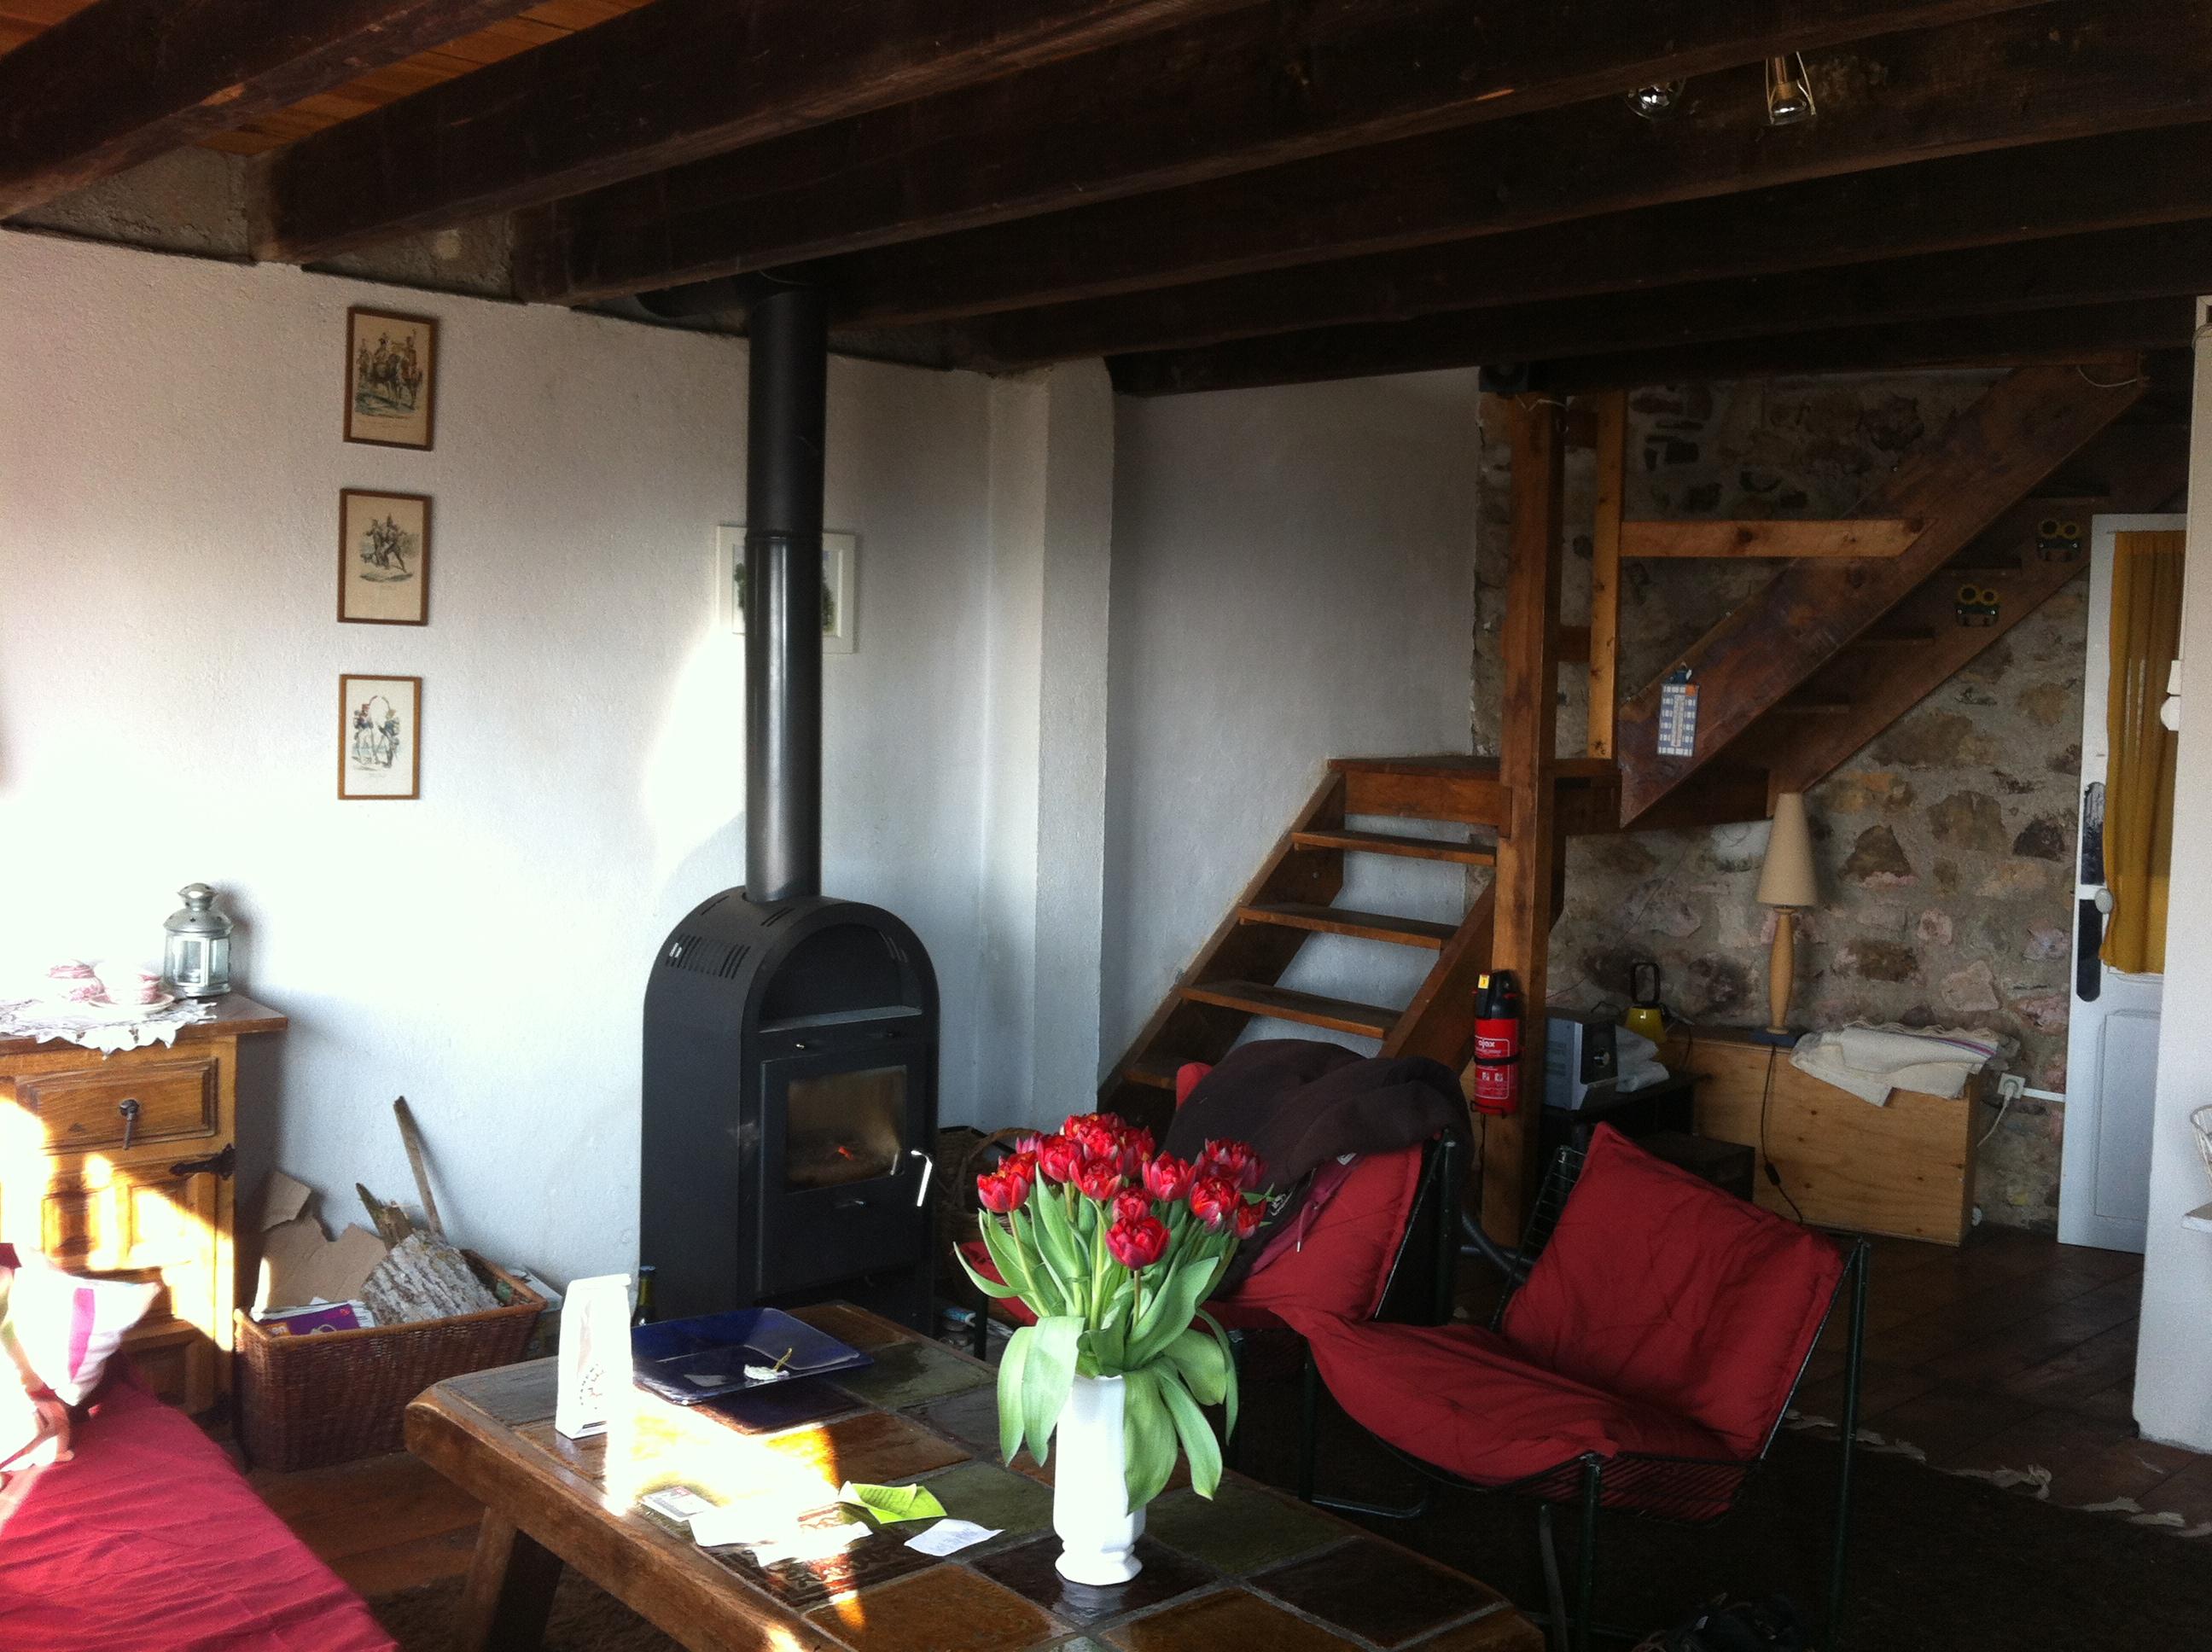 Woonkamer Op Bovenverdieping : De woonkamer met trap naar bovenverdieping maison perdu